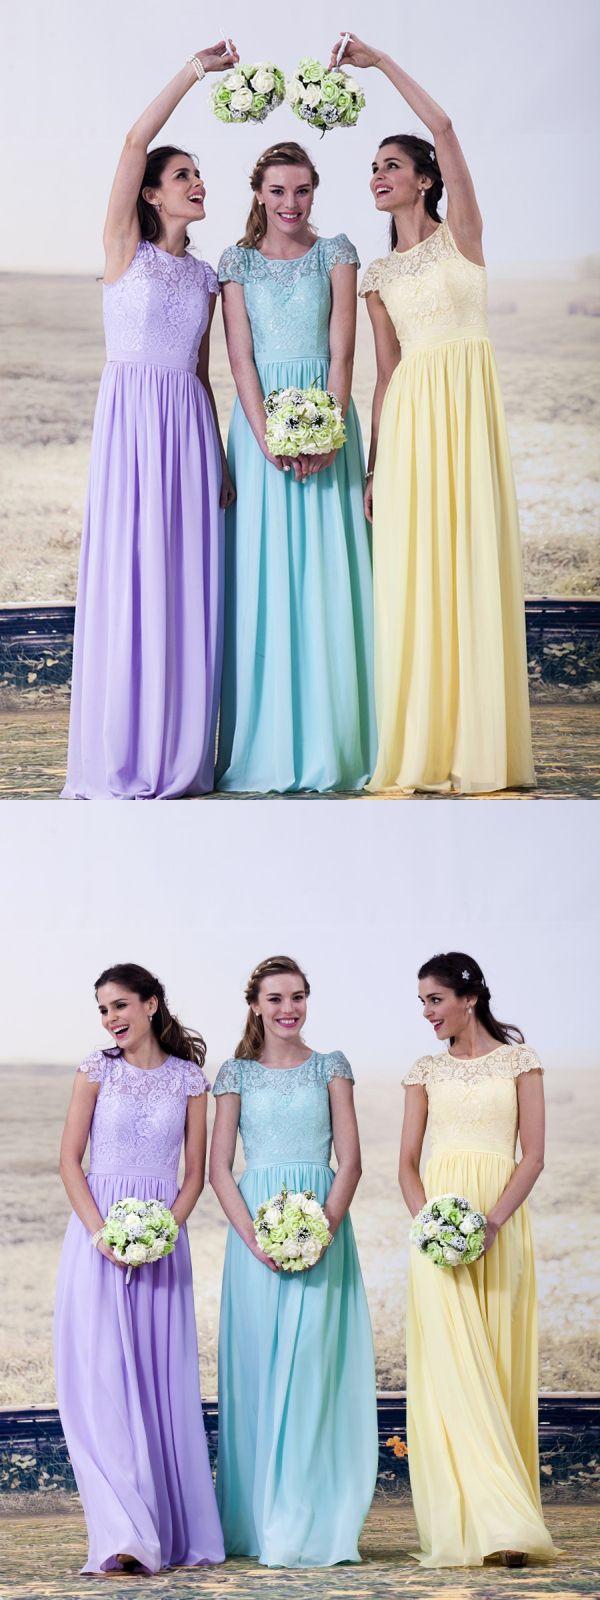 Aline scoop cap sleeves floorlength bridesmaid dress with lace